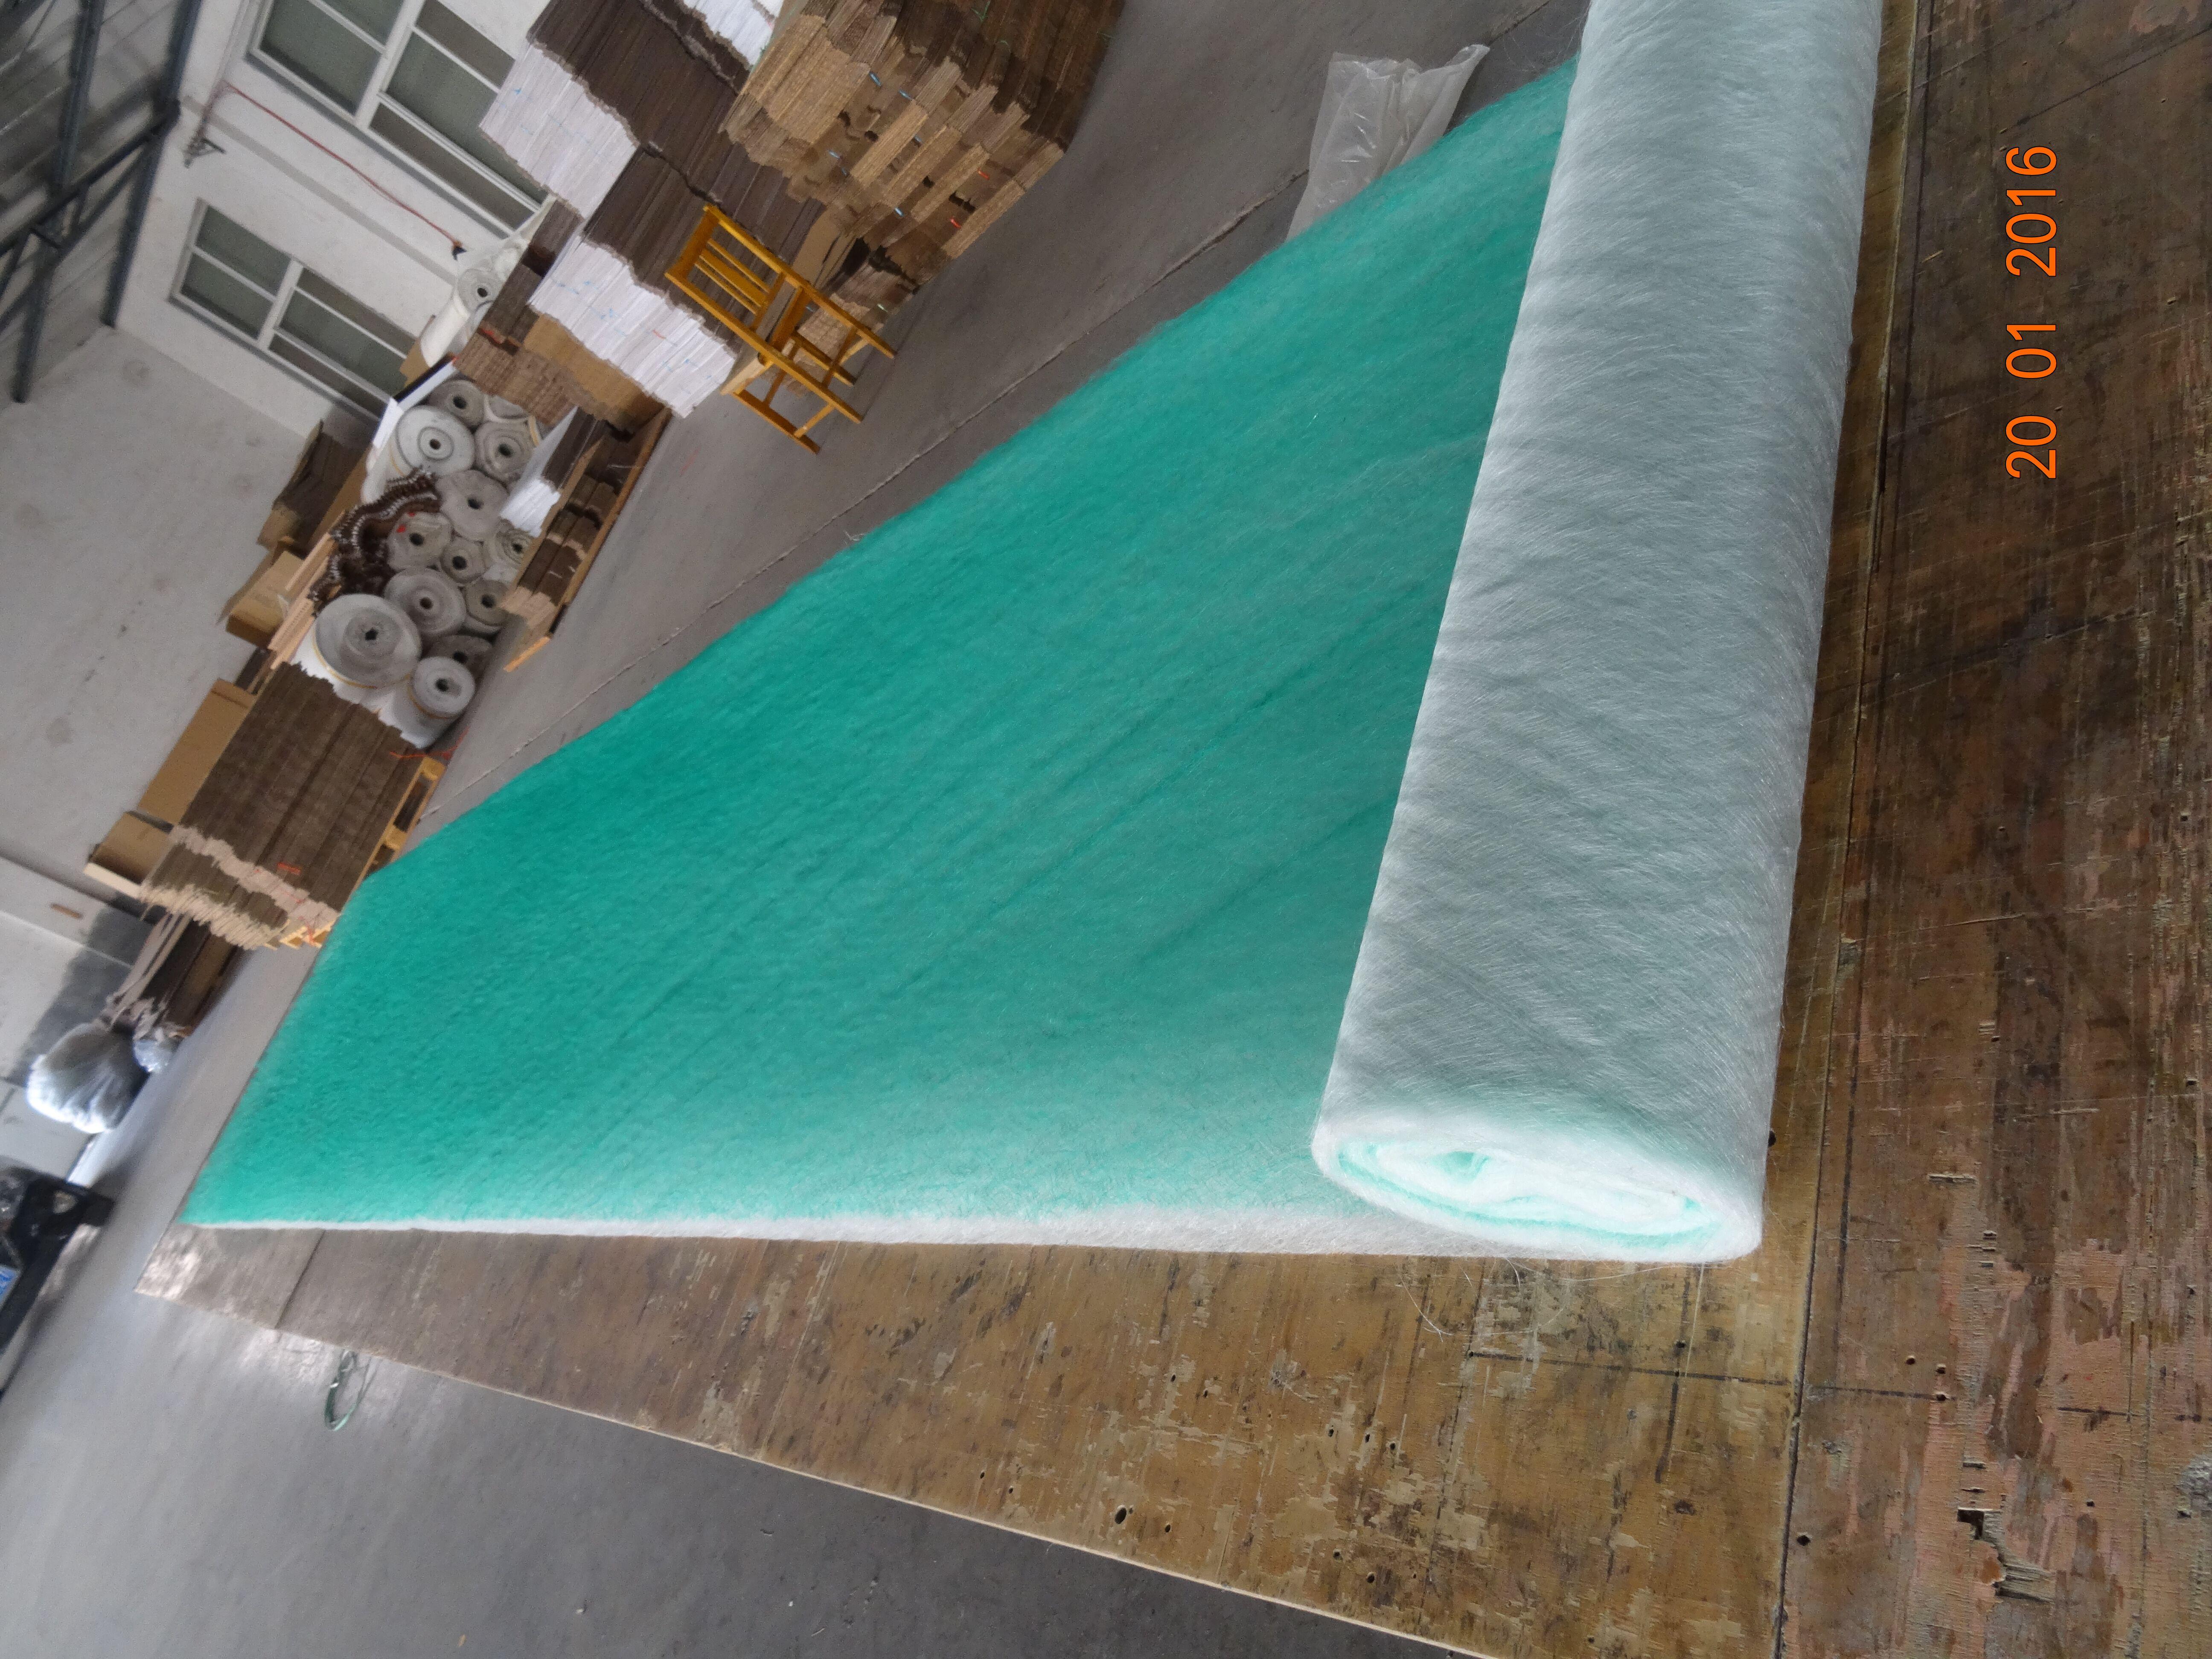 油漆过滤棉涂装漆雾毡玻璃纤维地棉空气净化初效阻漆网地棉